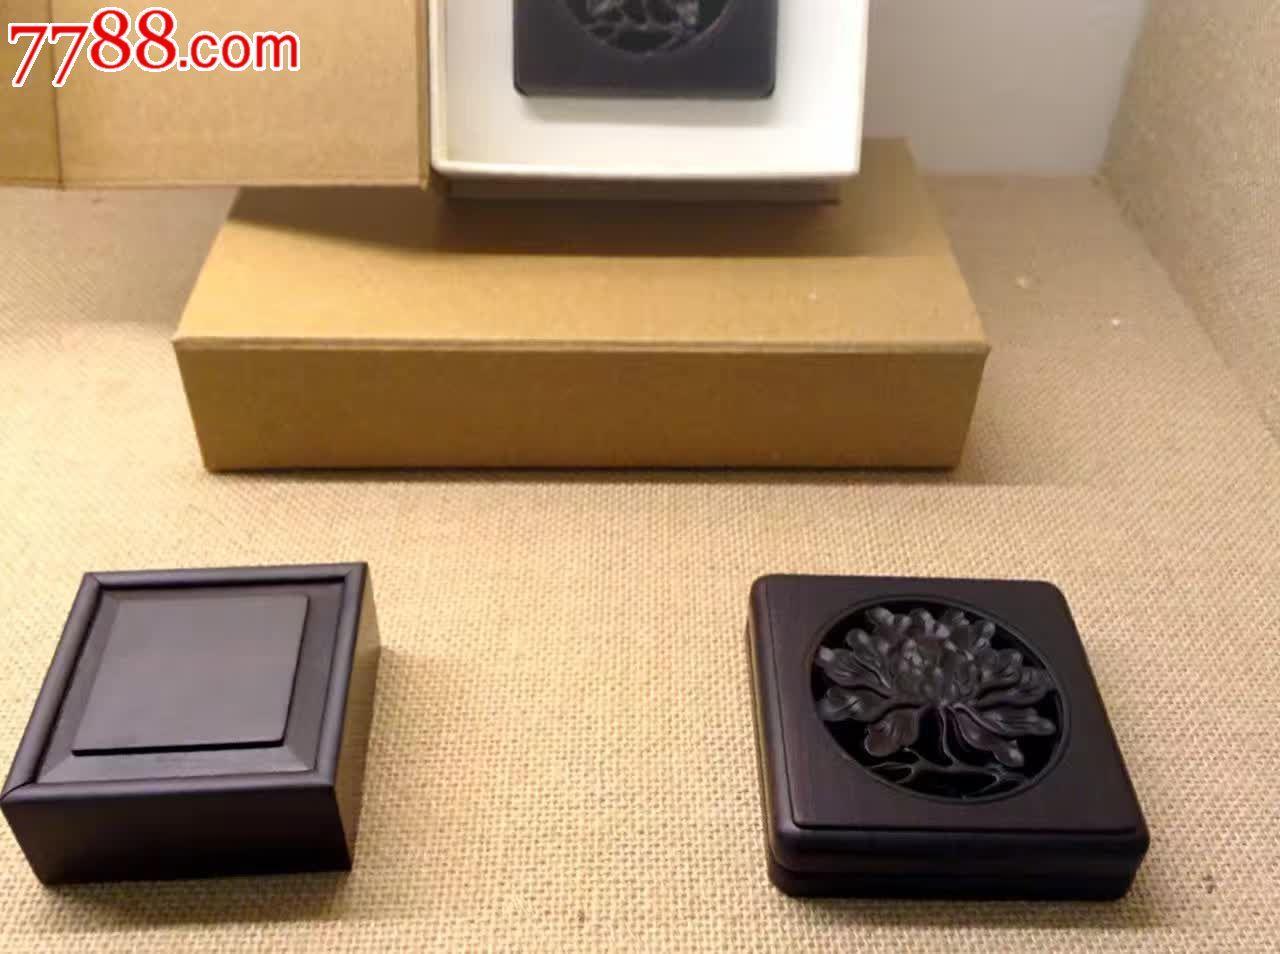 盘香盒系列